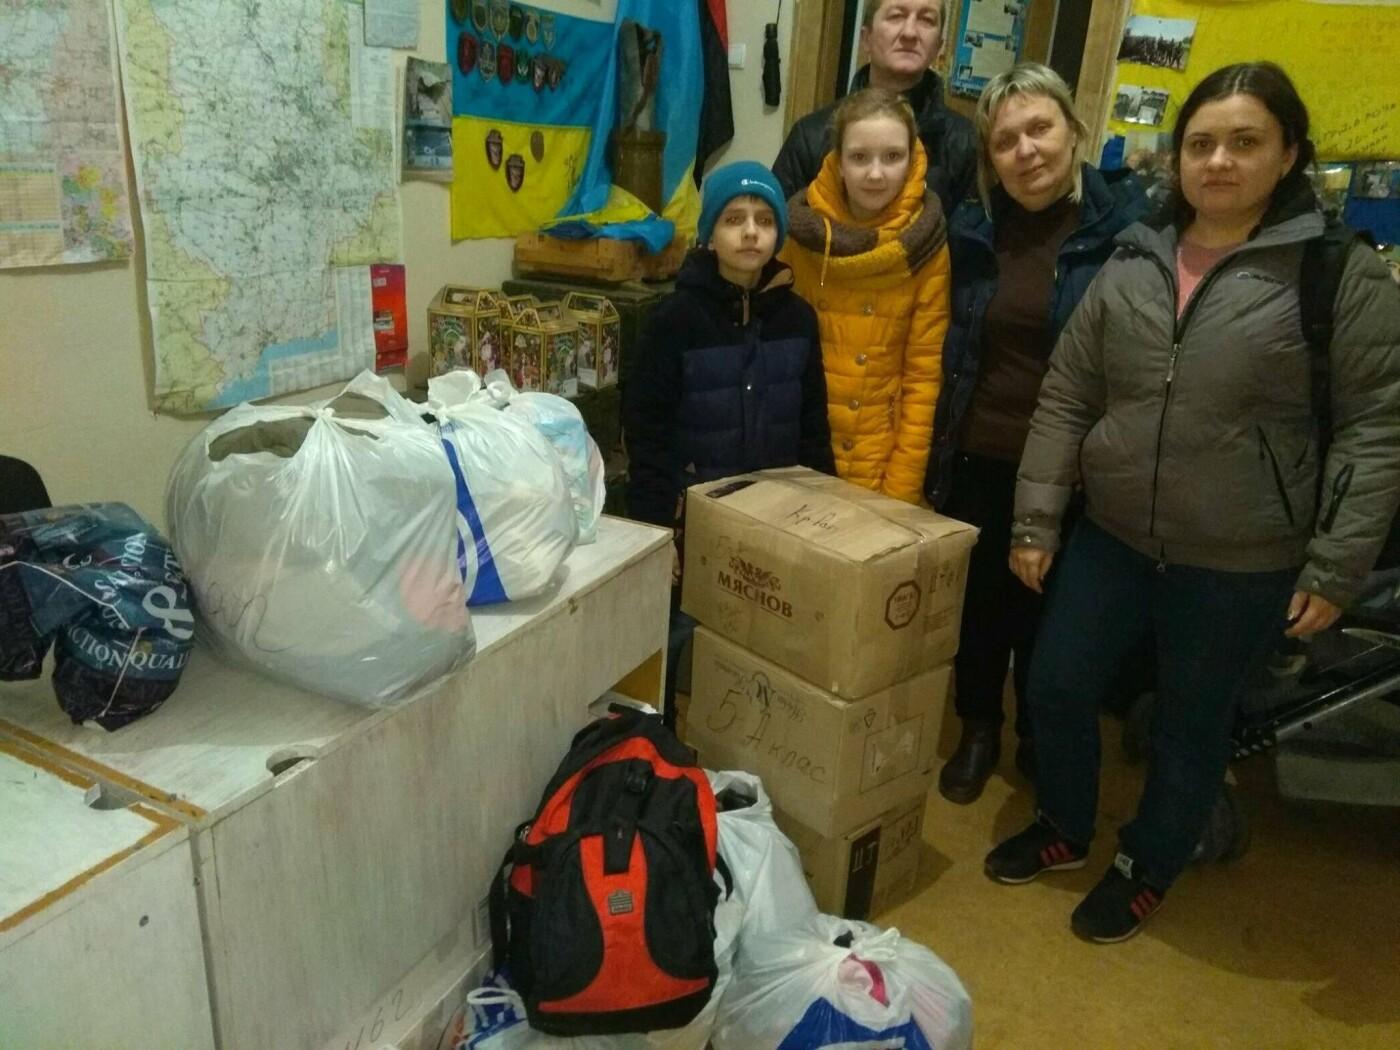 Волонтеры и благотворители Кривого Рога: почему они это делают и где берут силы?, - ФОТО, фото-11